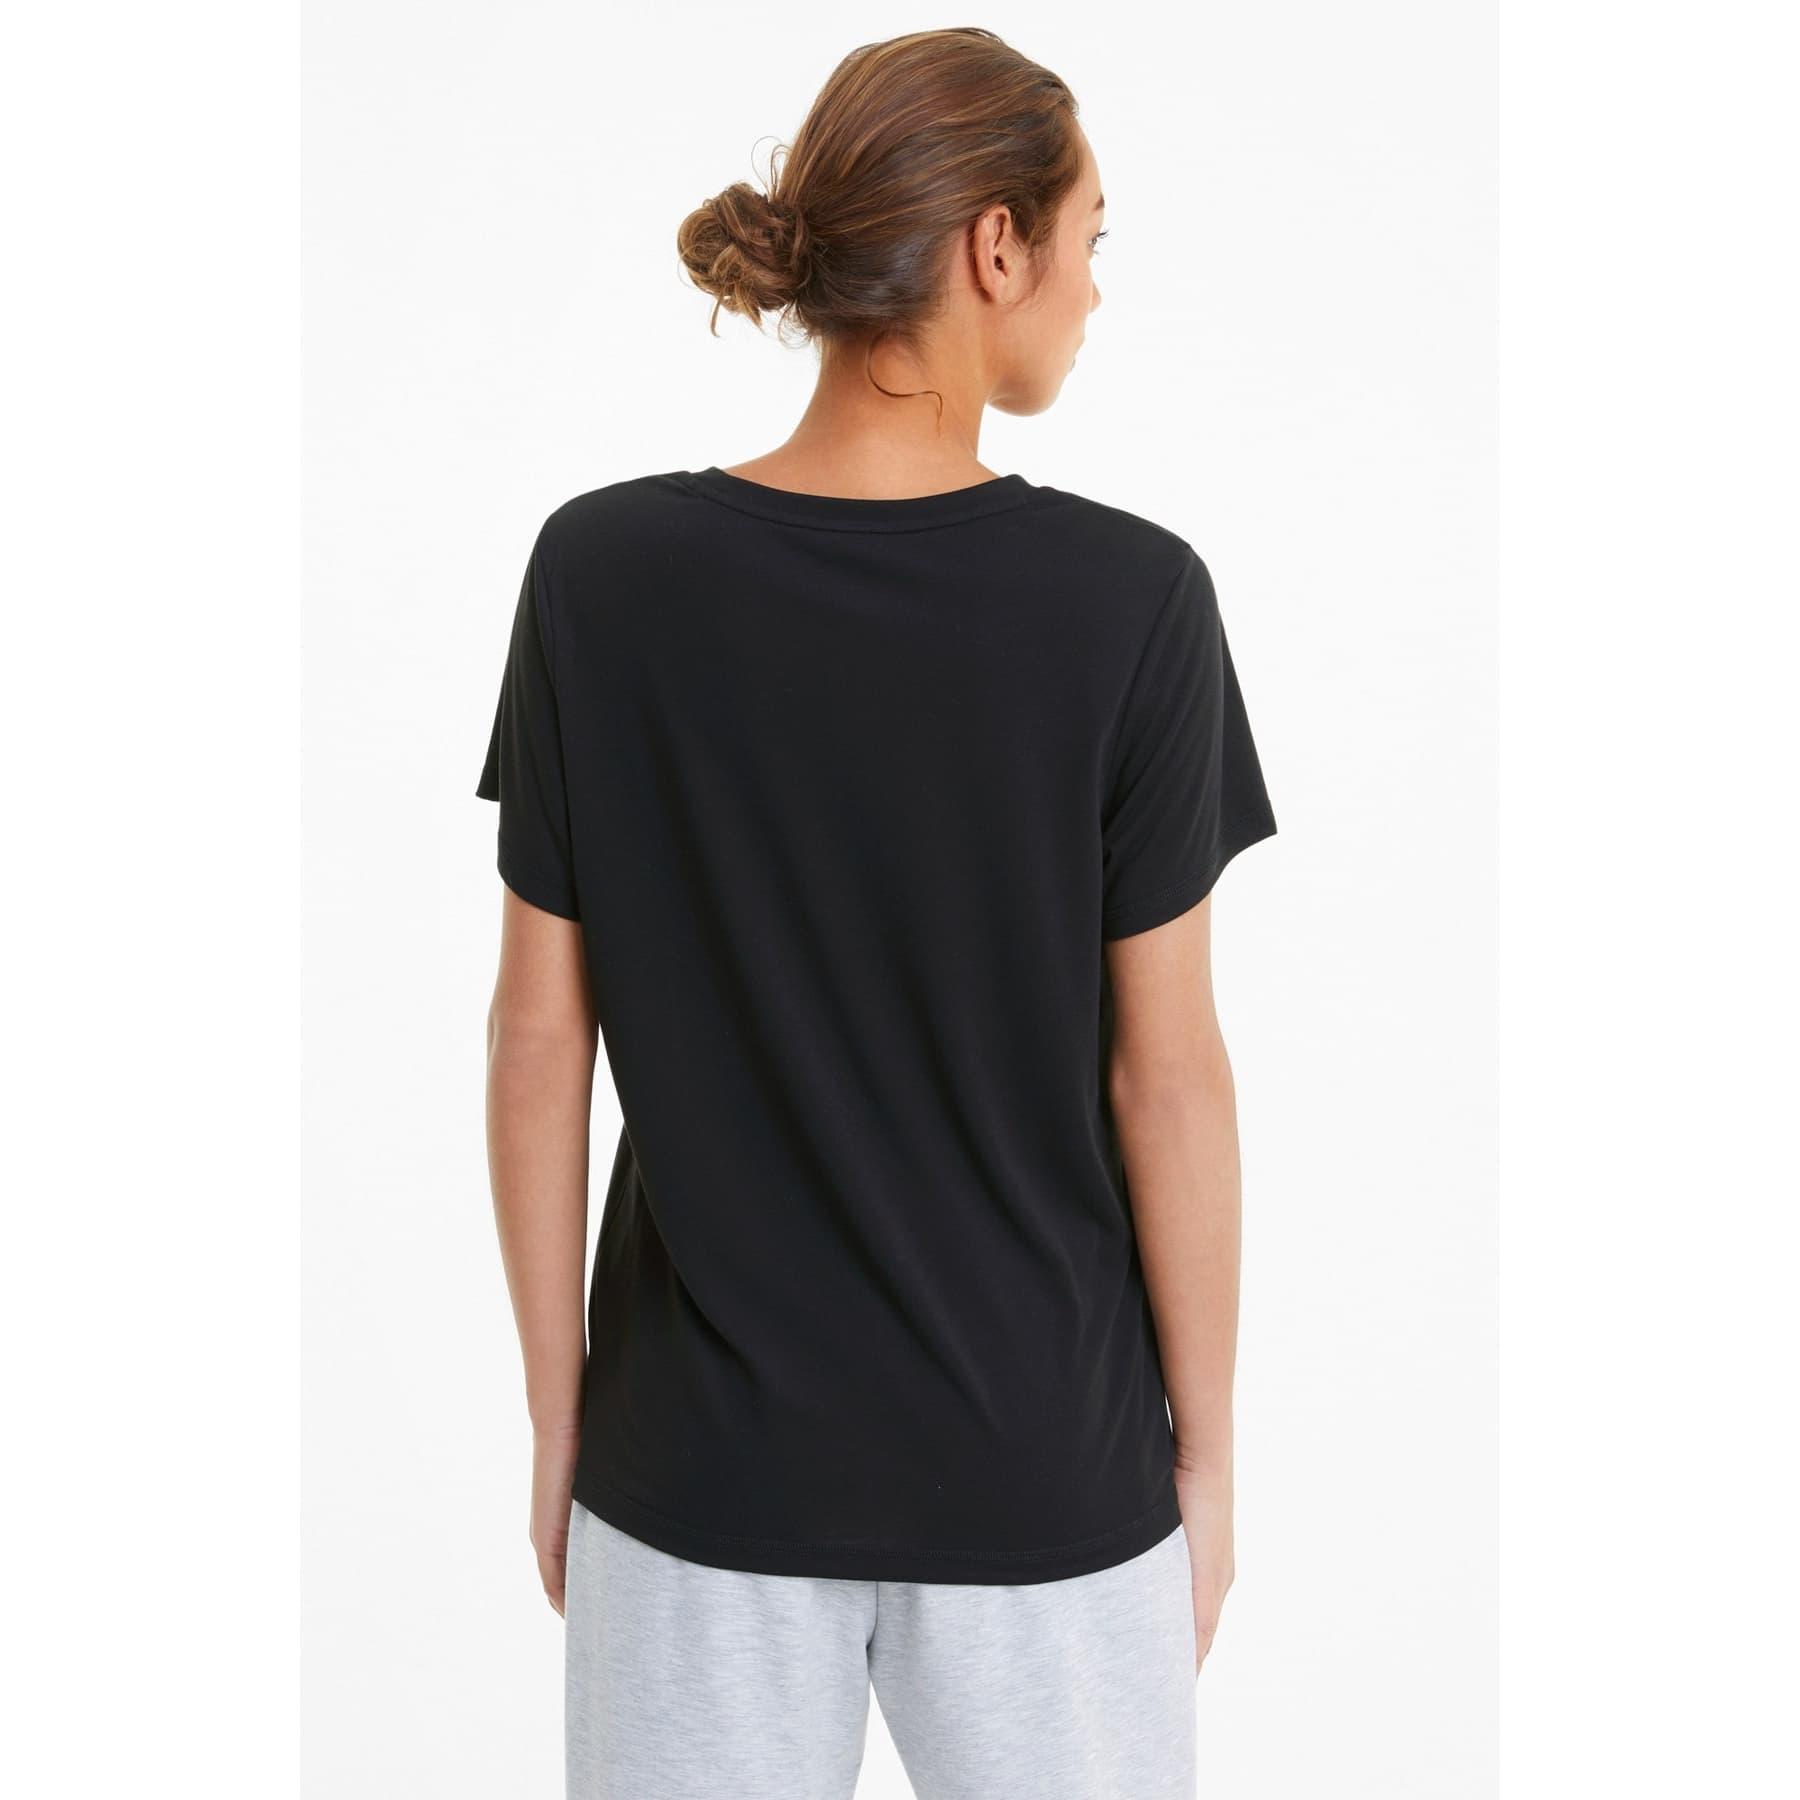 Evostripe Kadın Siyah Tişört (585941-01)